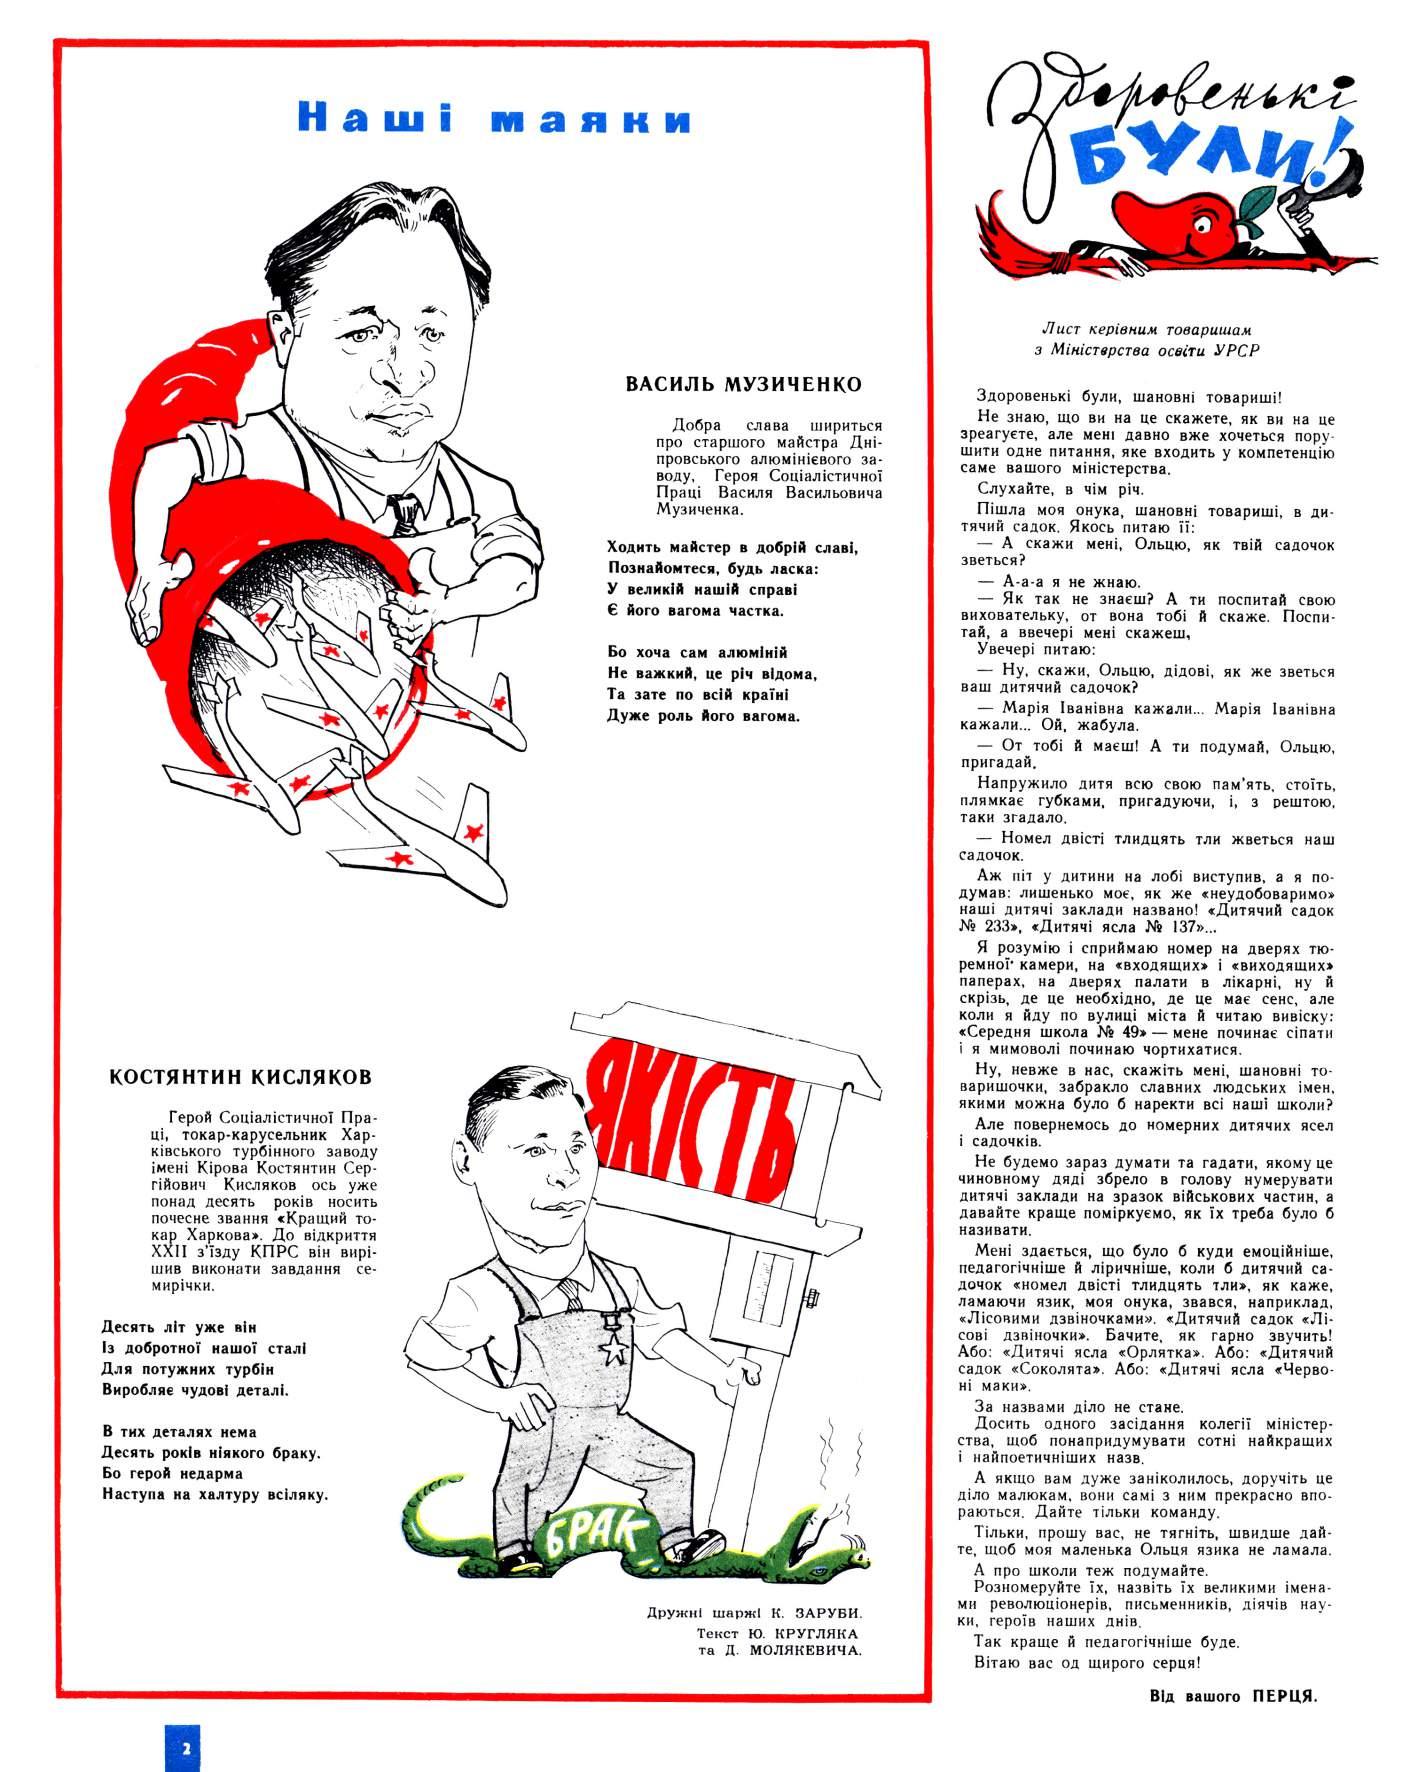 Журнал перець 1961 №18